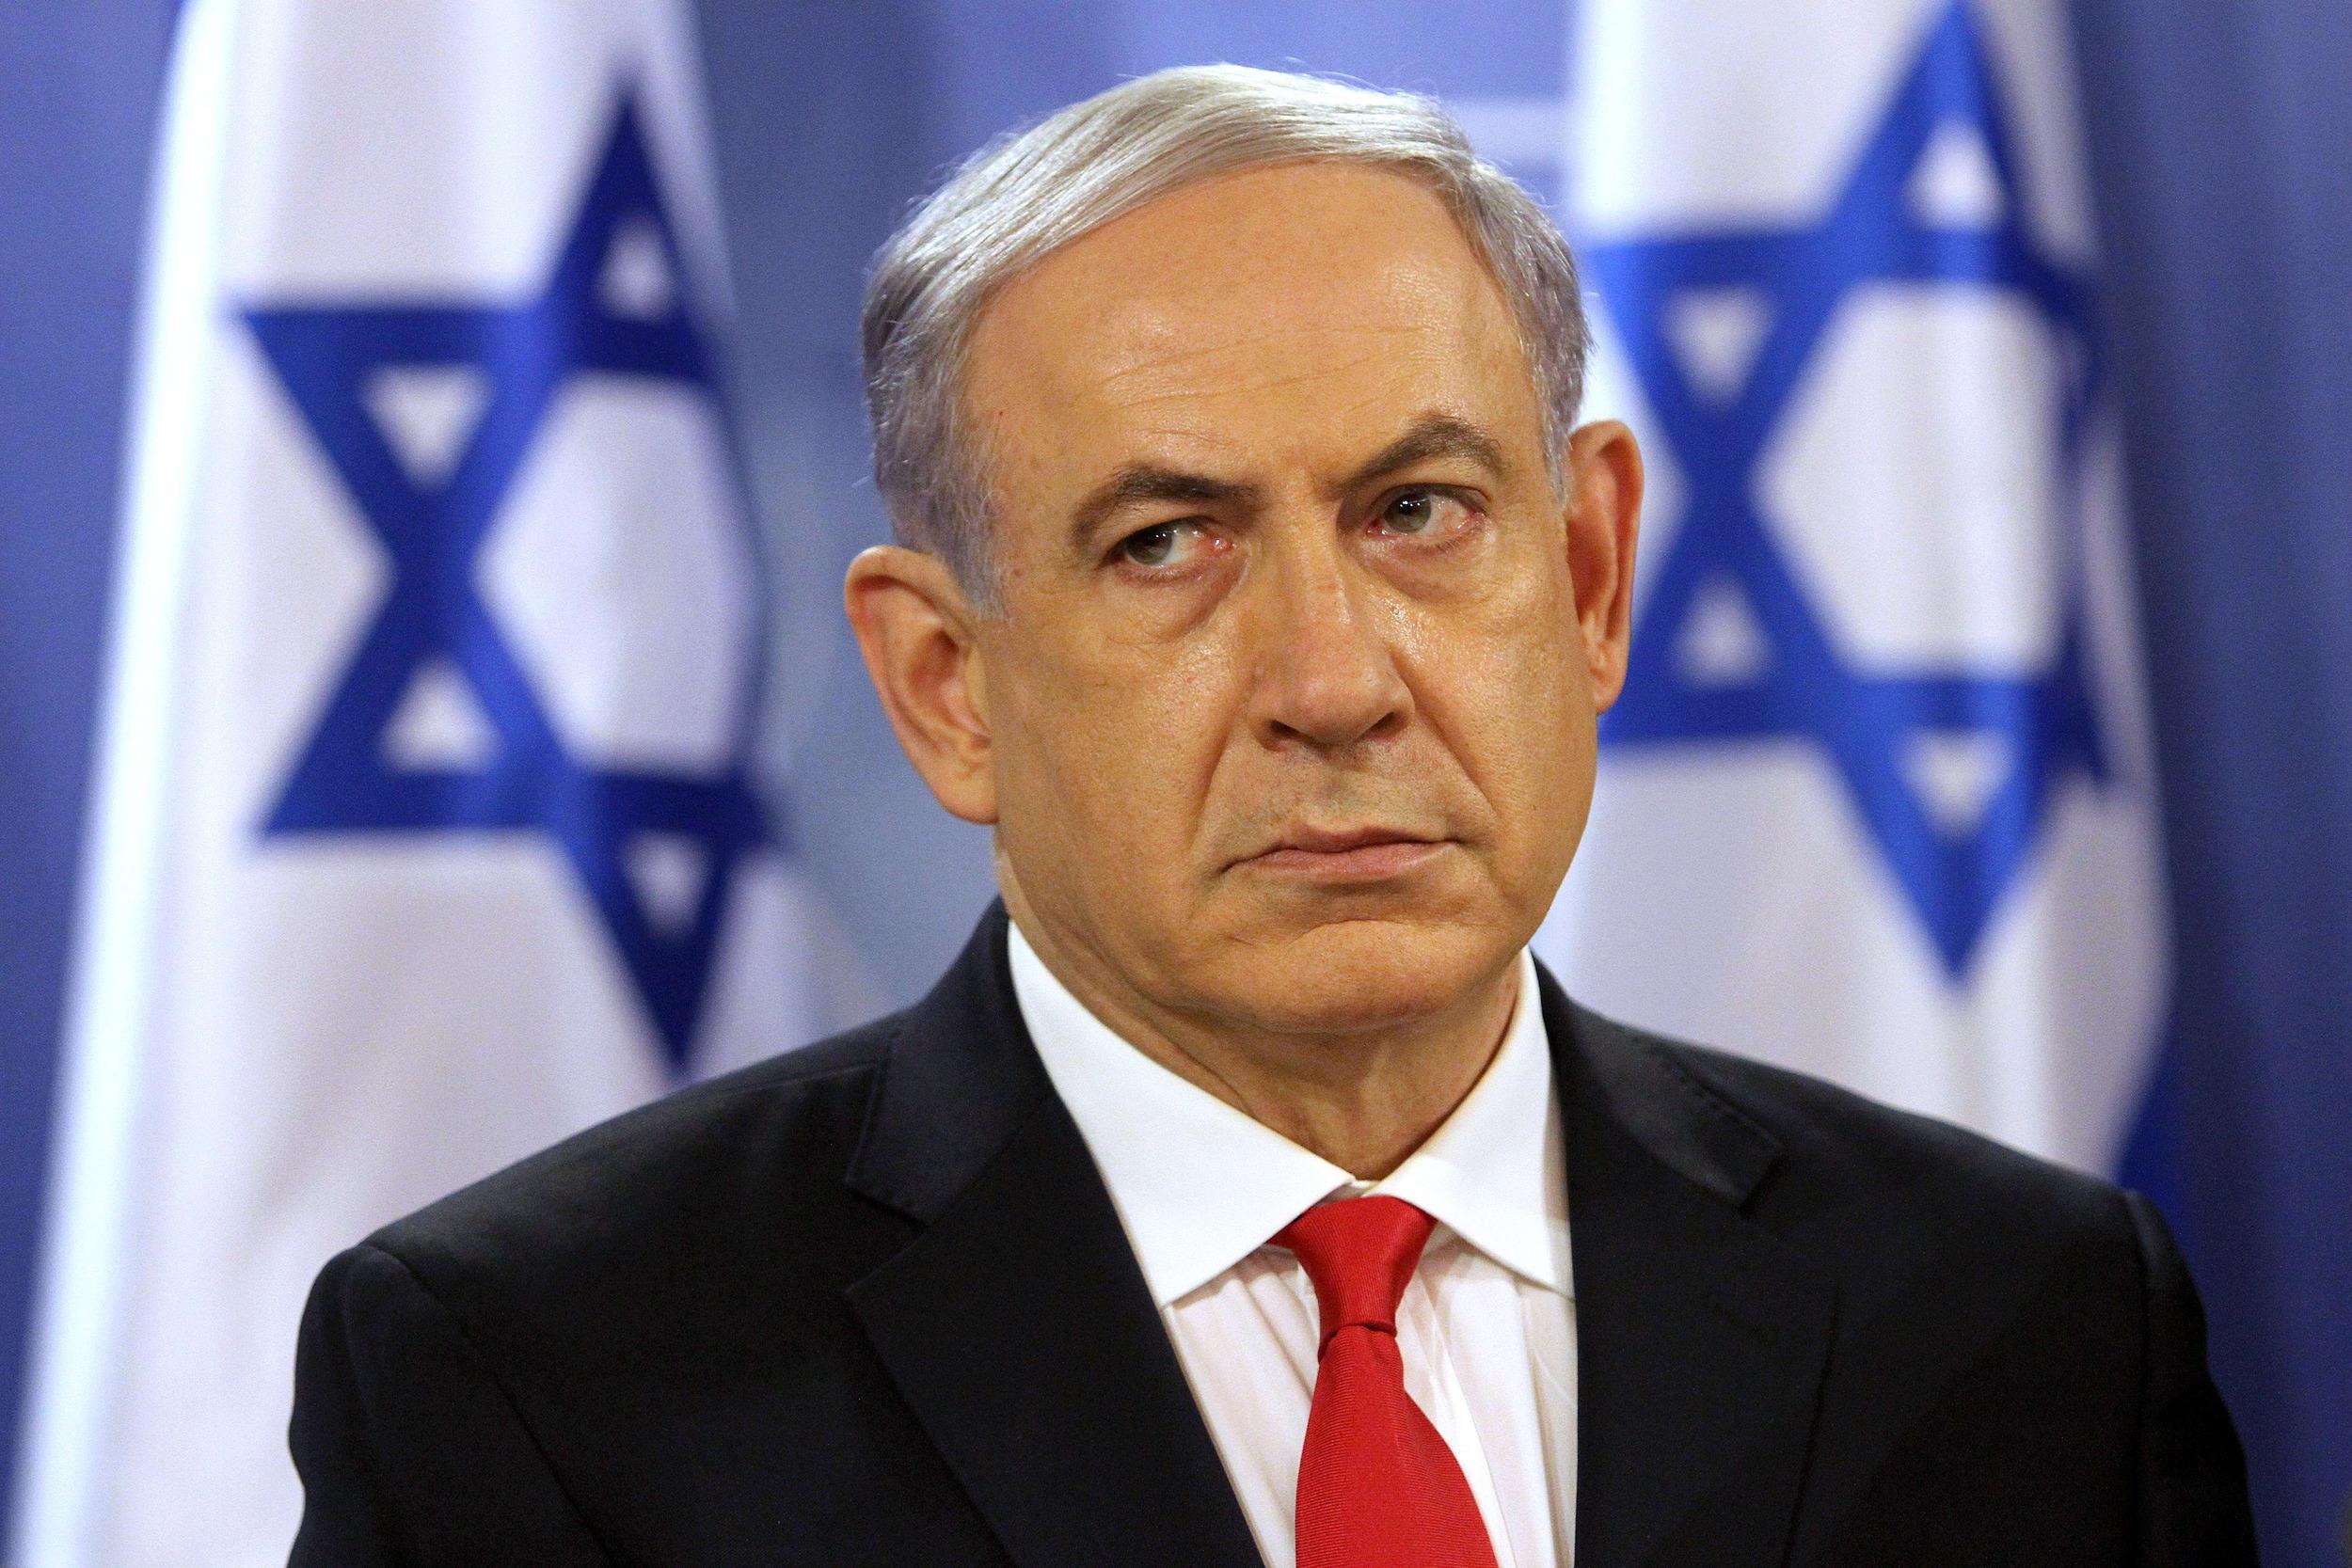 پیام تهدیدآمیز نخست وزیر اسرائیل علیه ایران